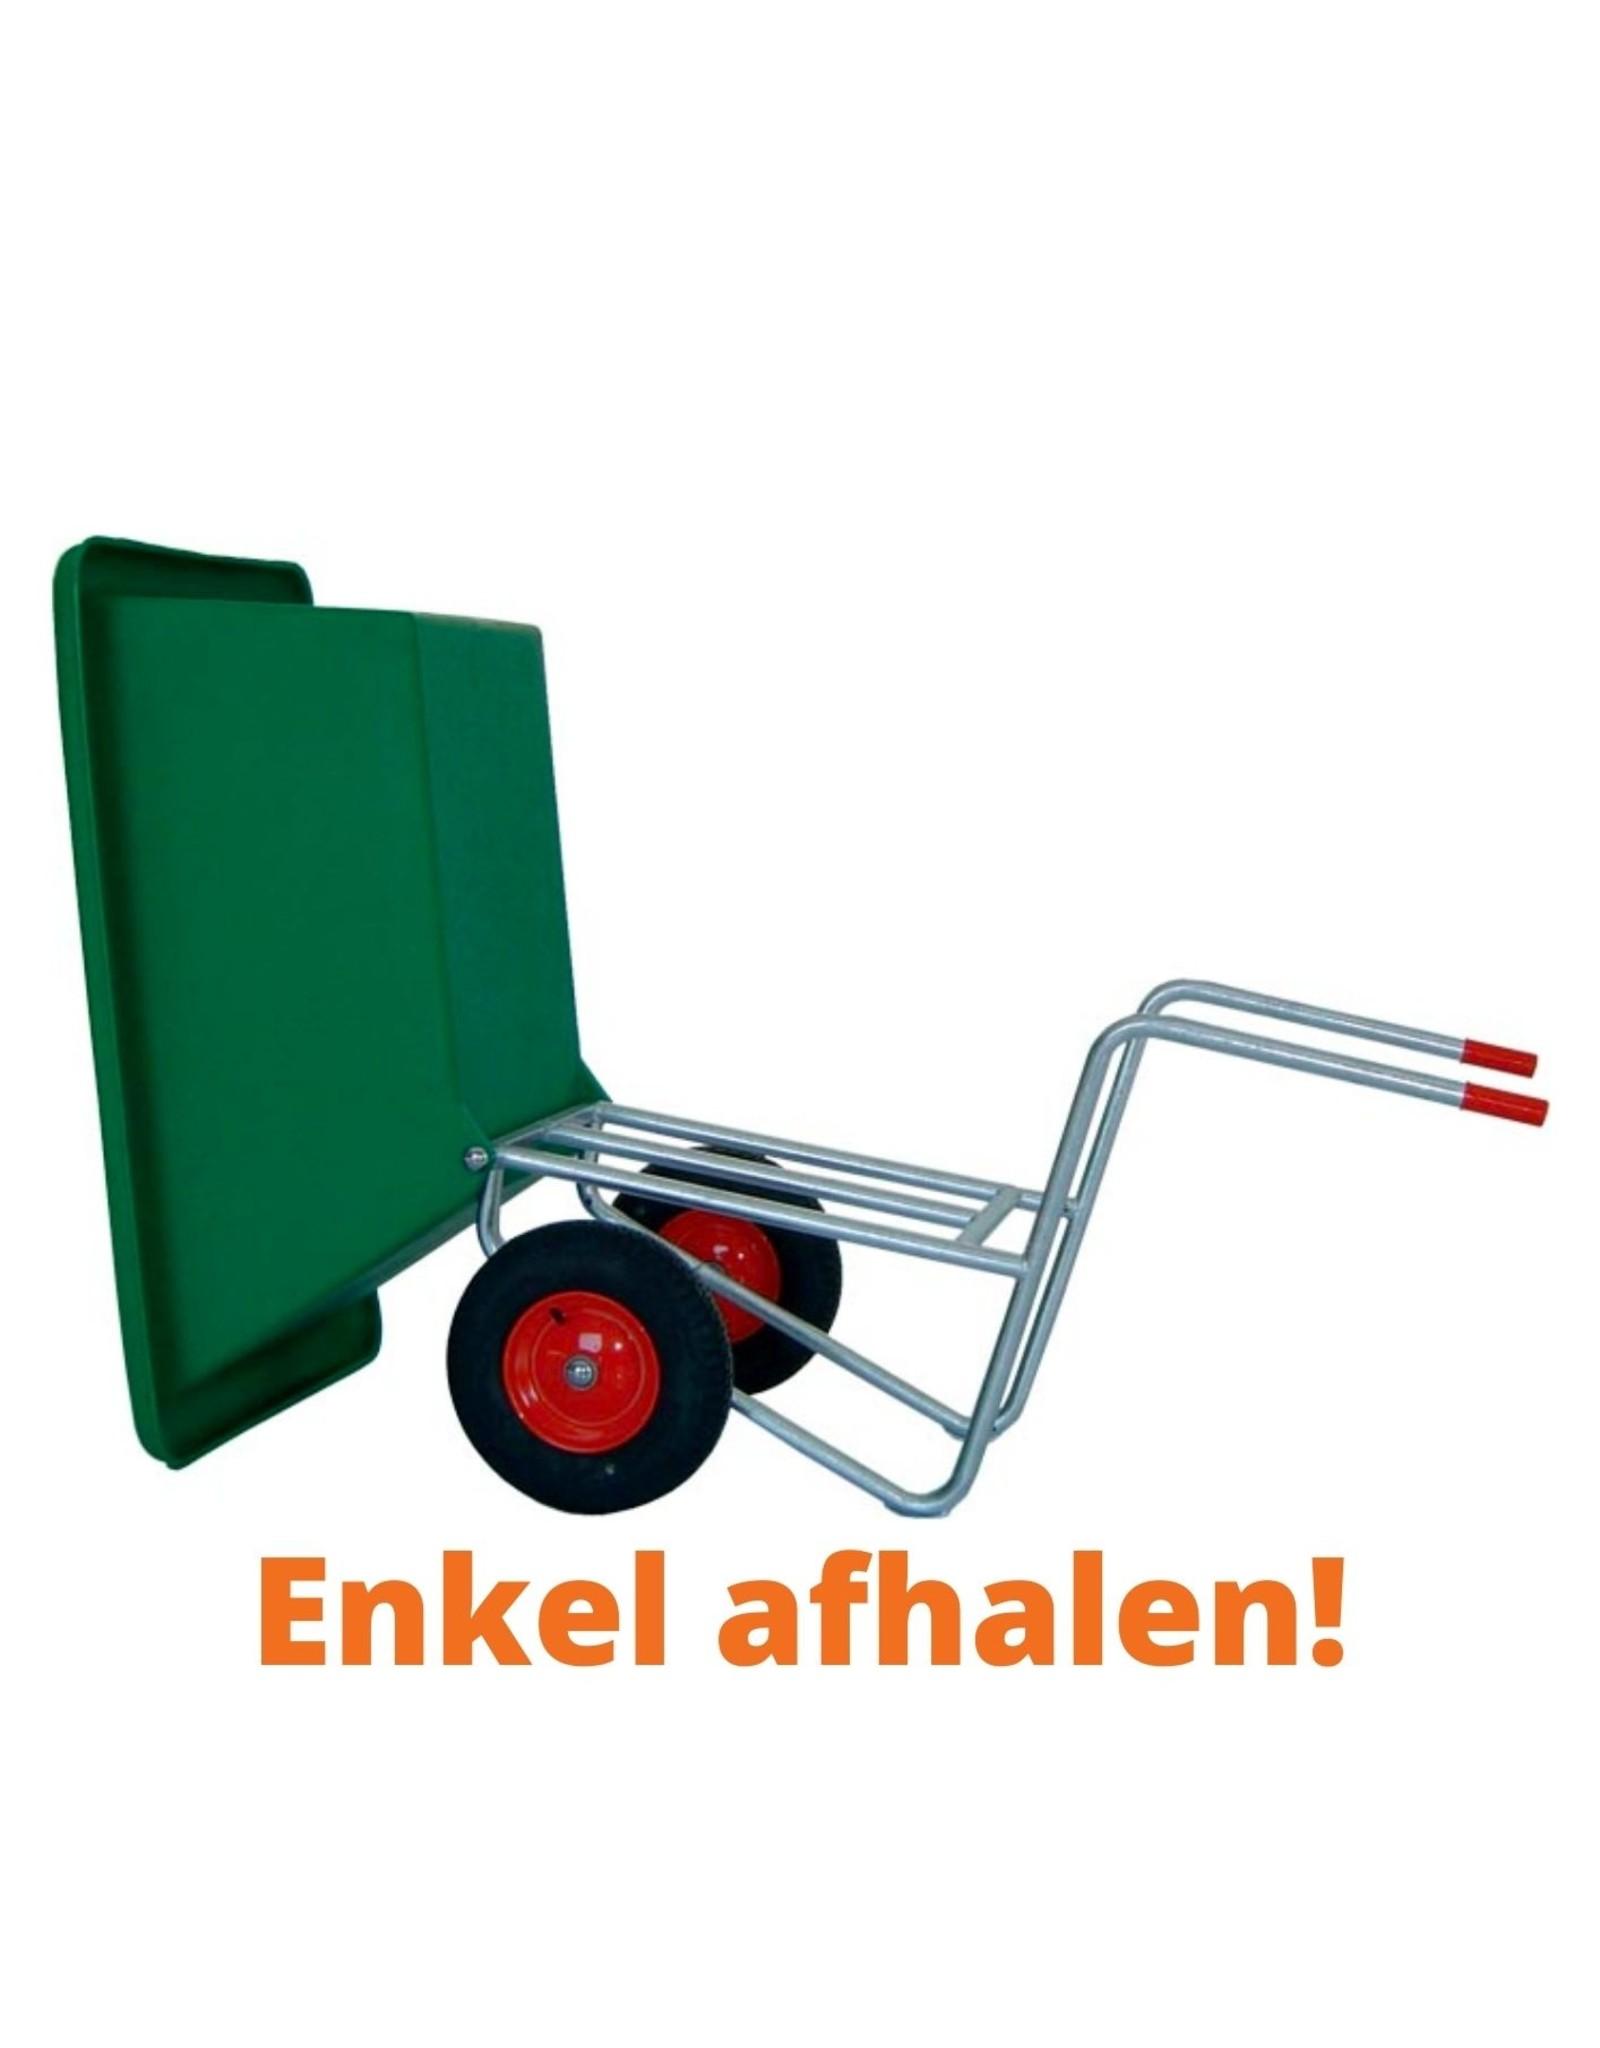 Van Eynde Kiepkruiwagen 330 2W